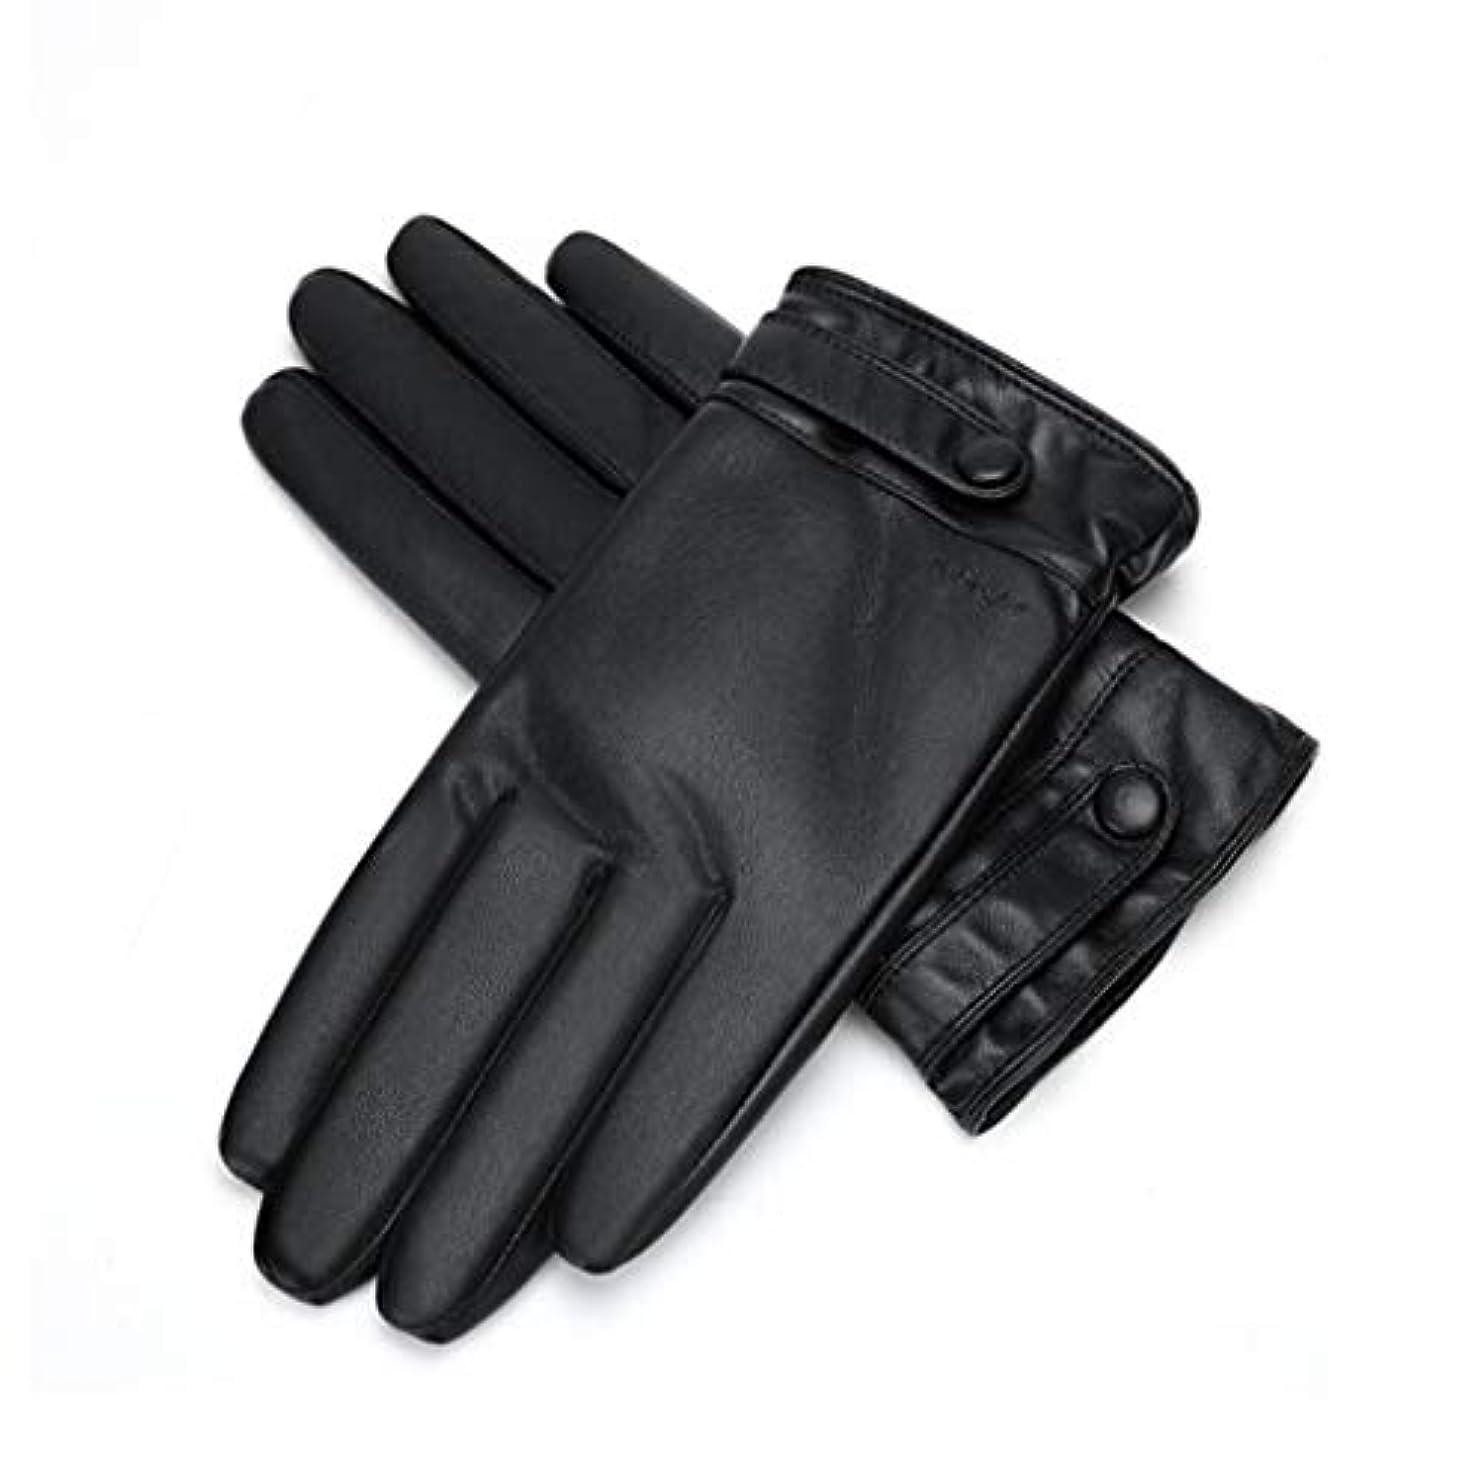 海峡ひもノベルティ期限暖かい秋と冬を保つためにメンズ革手袋のタッチスクリーンメンズ自転車厚いぬいぐるみ手袋 (サイズ さいず : L21*8.9cm)